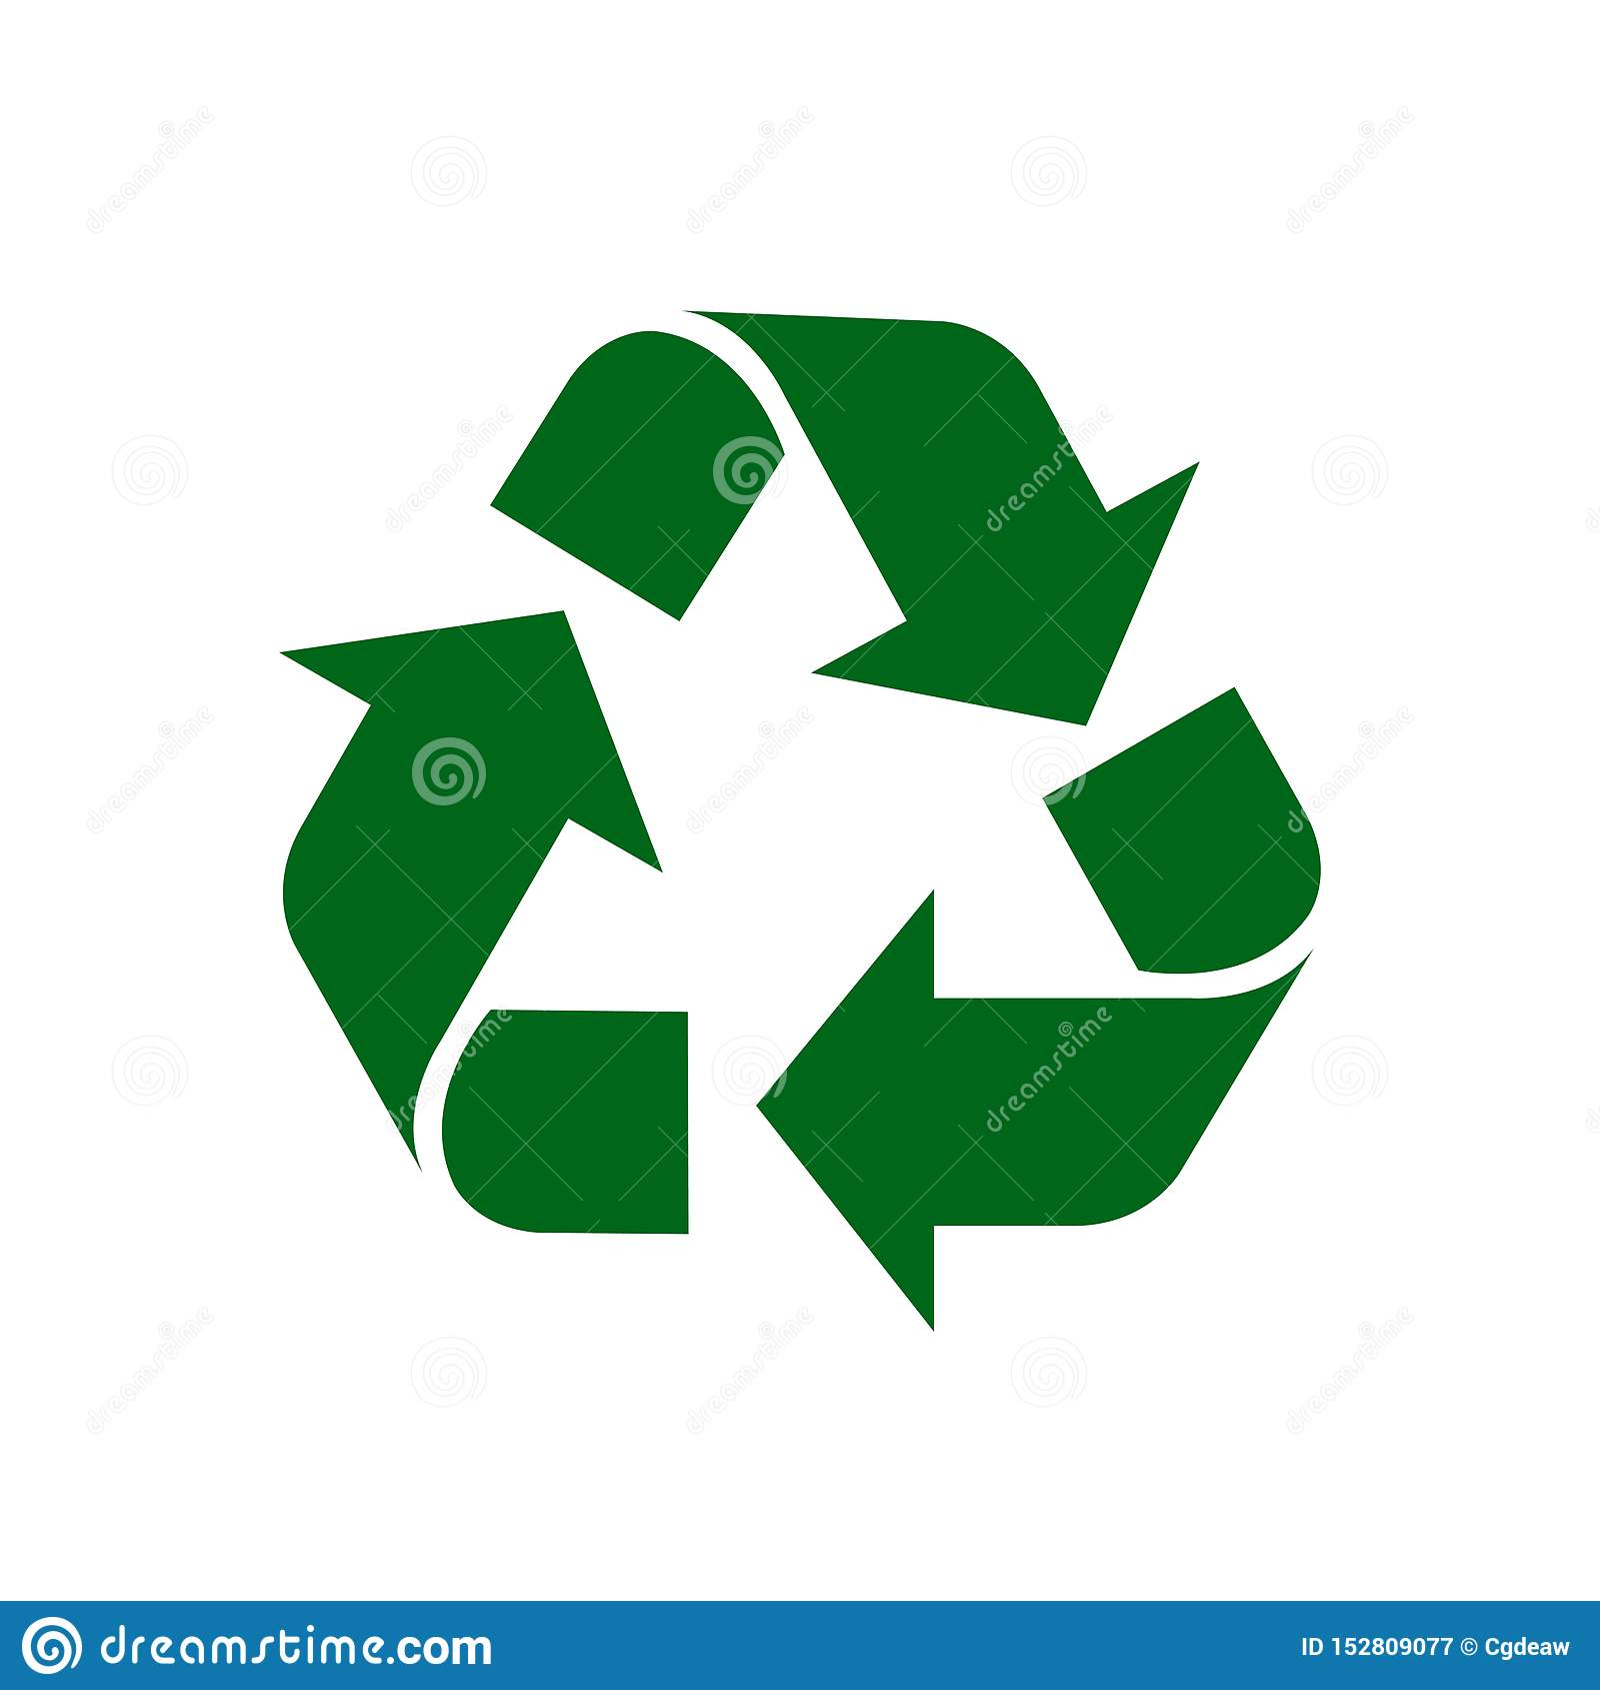 Przetwarza symbol zieleń odizolowywającą na białym tle, zielony ekologii ikony znak, zielony strzałkowaty kształt dla przetwarza